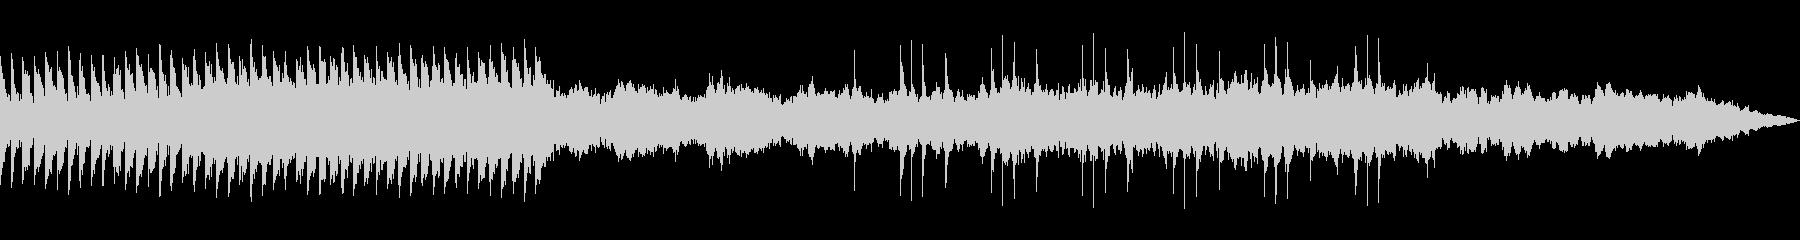 夏 森の中 幻想的 ピアノ曲の未再生の波形